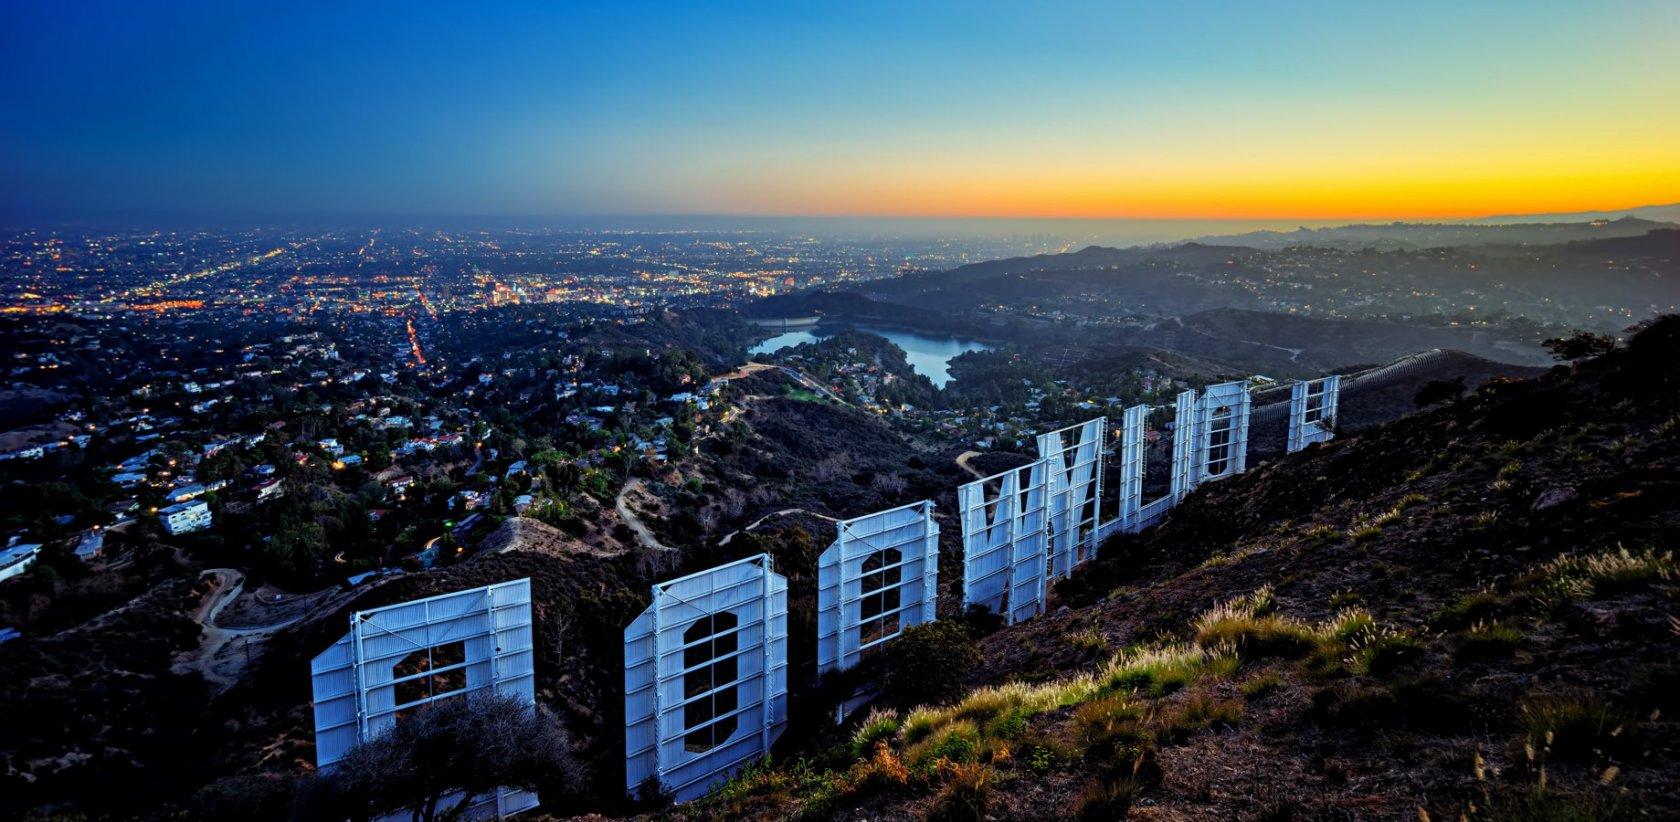 Лос анджелес достопримечательности фото